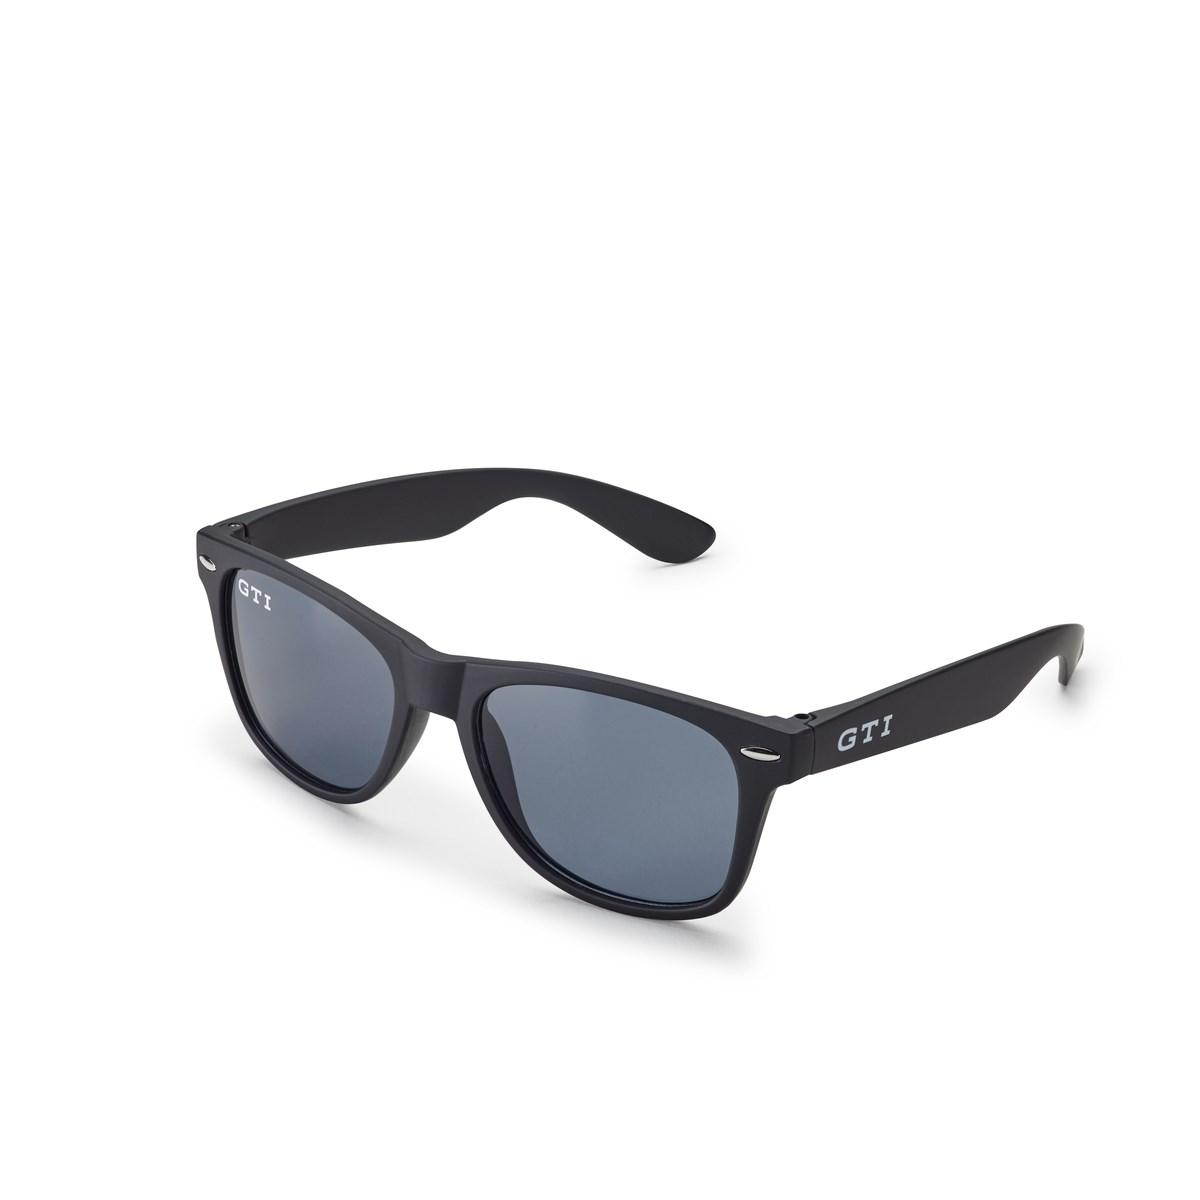 Volkswagen Sonnenbrille GTI Design